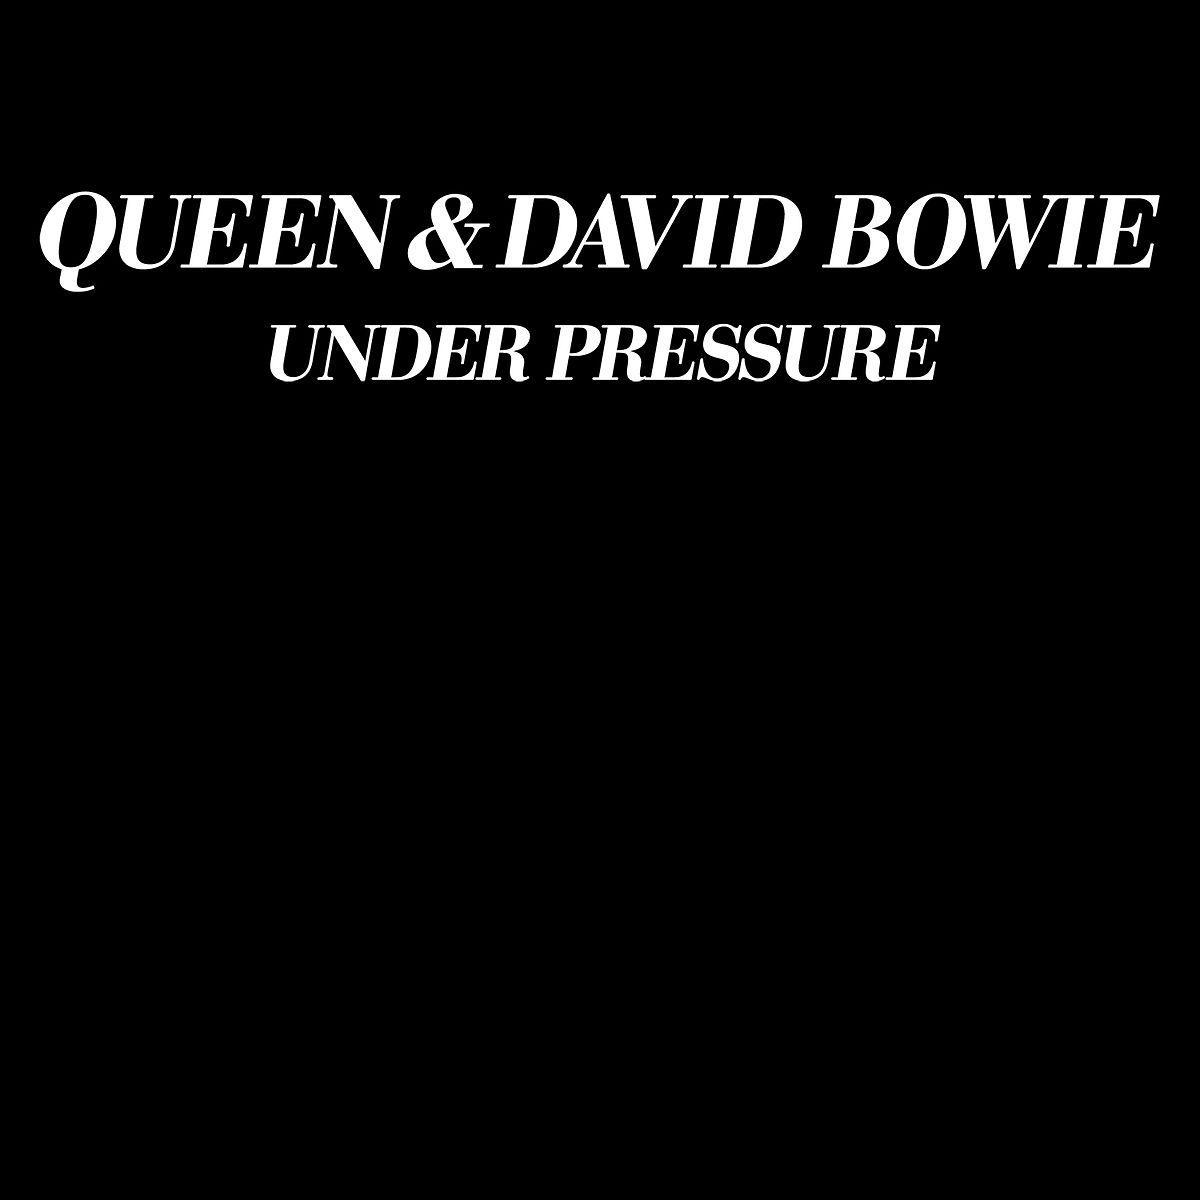 Under Pressure (Chanson) — Wikipédia destiné Retrouver Une Musique Avec Parole